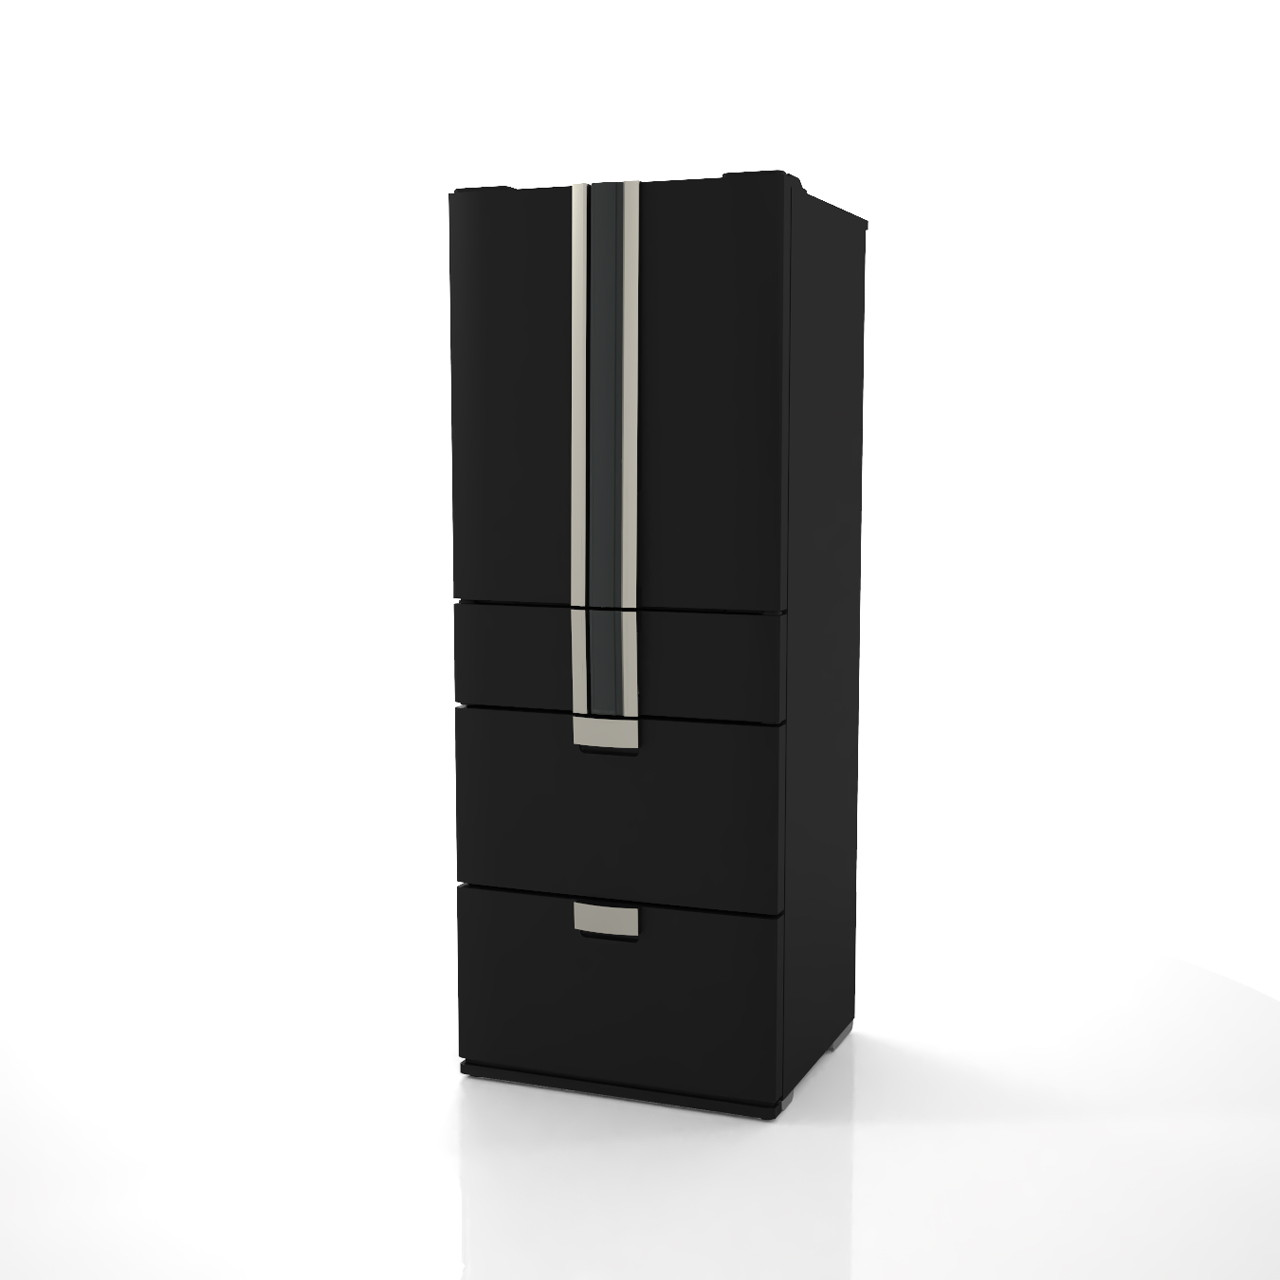 高さ1.8mサイズの小型の冷蔵庫(黒色)の3dCADデータ│インテリア 家電製品 冷蔵庫 refrigerator│3d cad データ フリー ダウンロード 無料 商用可能 建築パース フリー素材 formZ 3D 3ds obj Free download│digital-architex.com